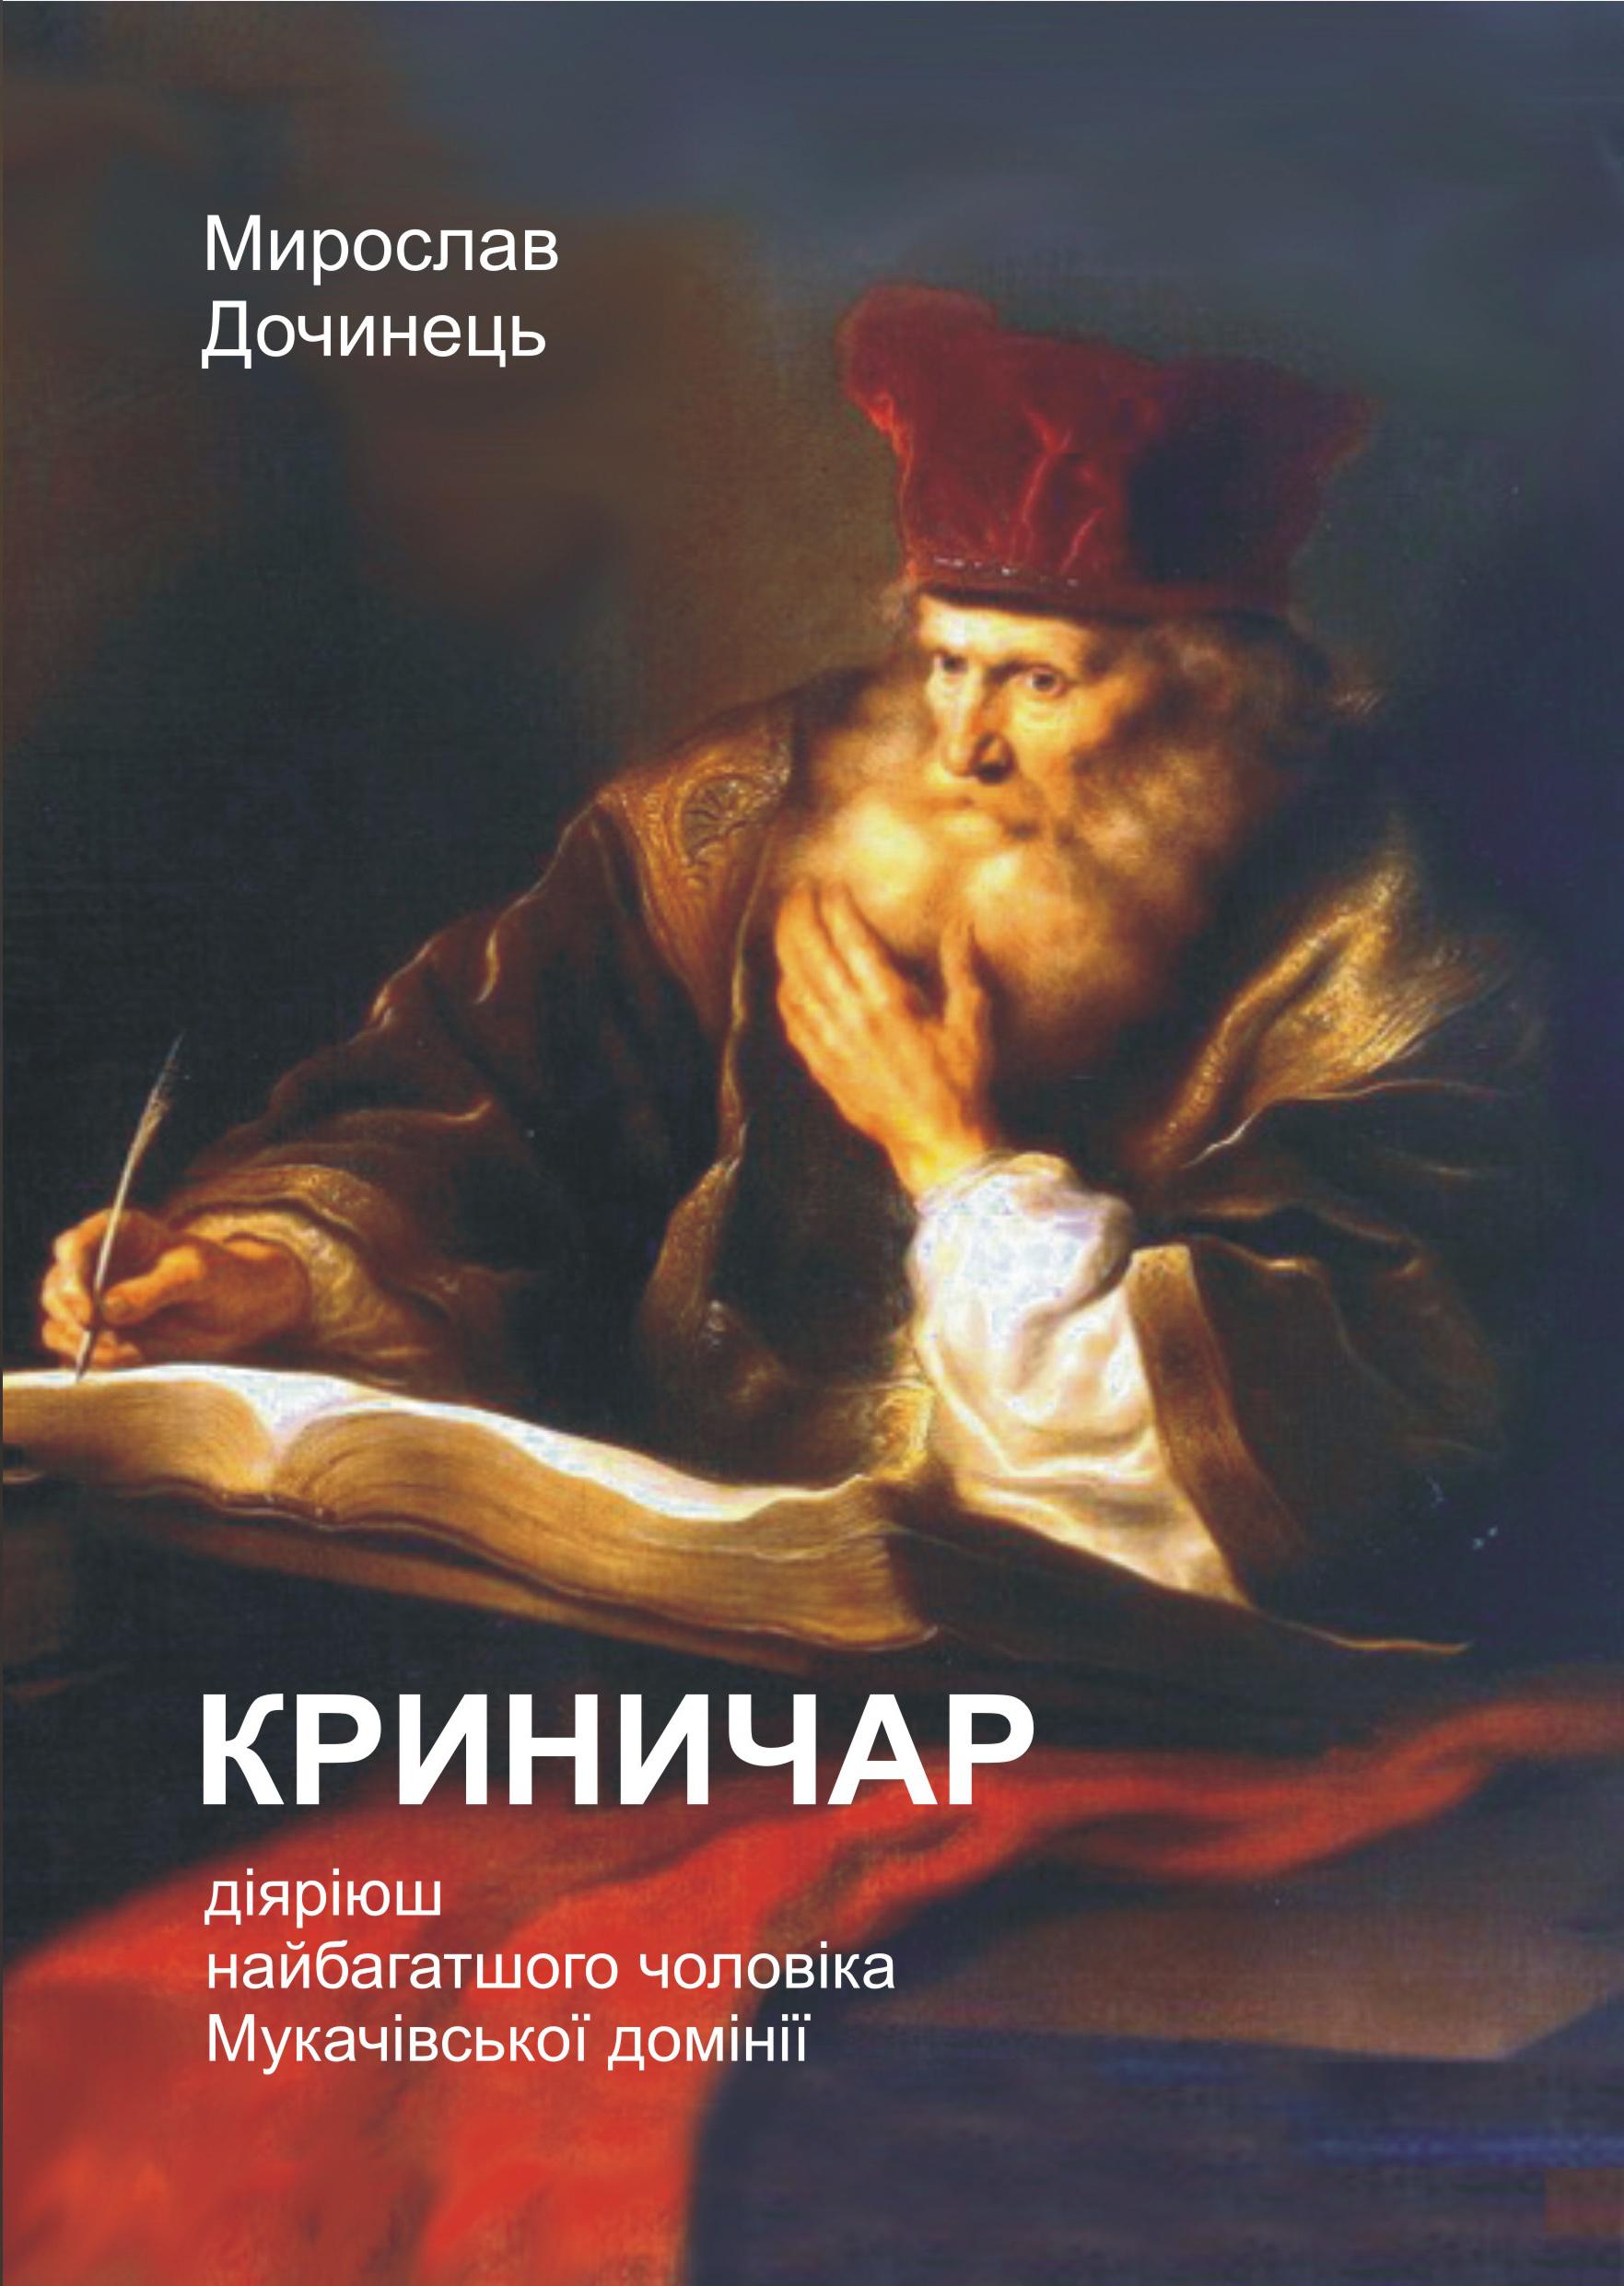 Обложка книги Криничар, автор Дочинець, Мирослав